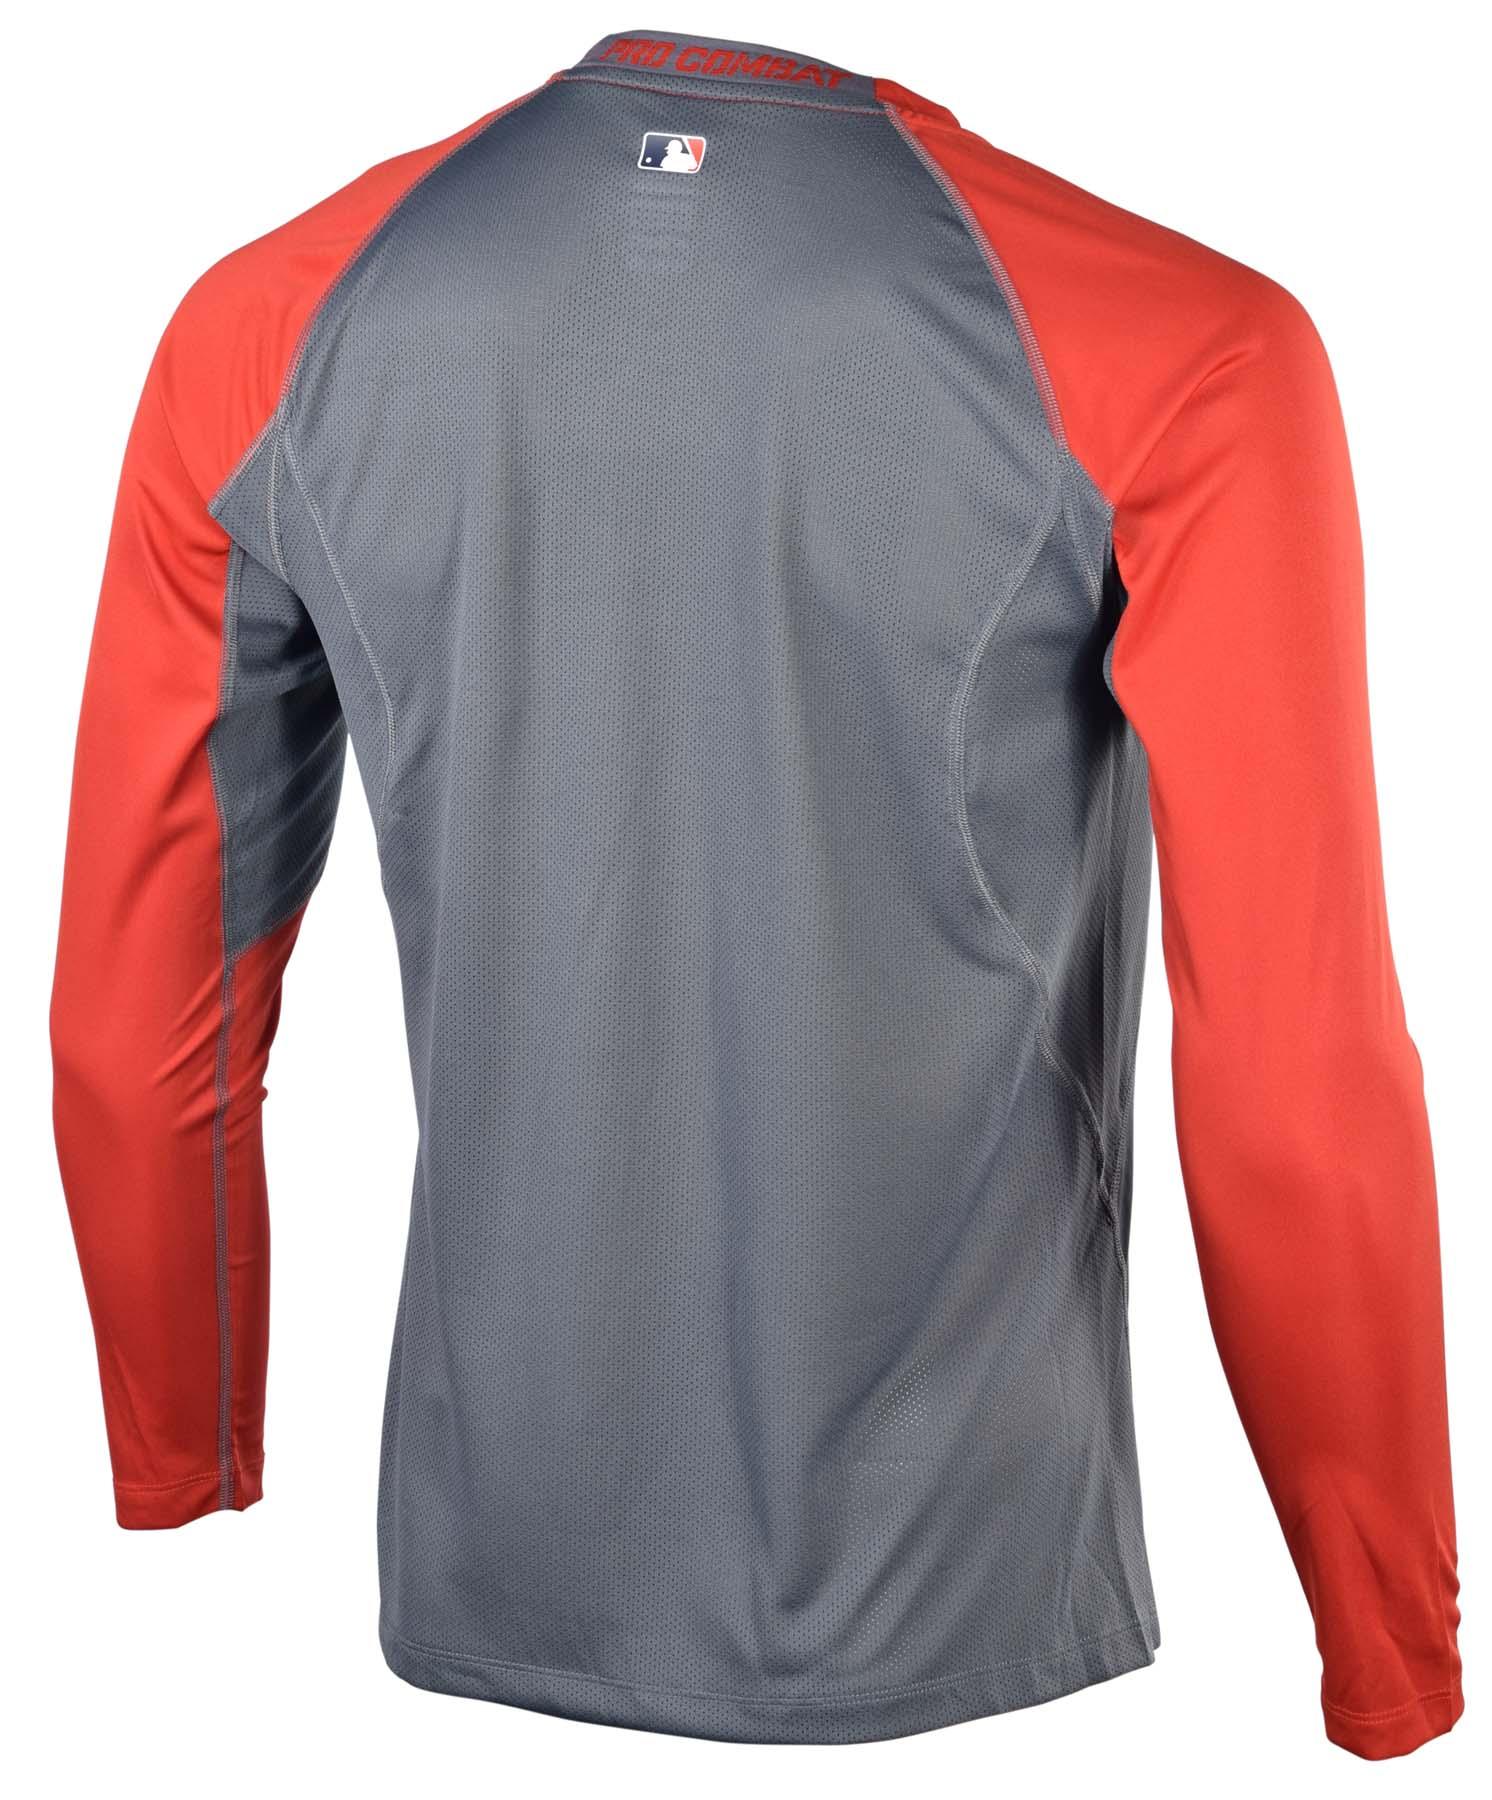 Nike men 39 s dri fit pro combat core fitted raglan baseball for Nike men s pro cool sleeveless shirt